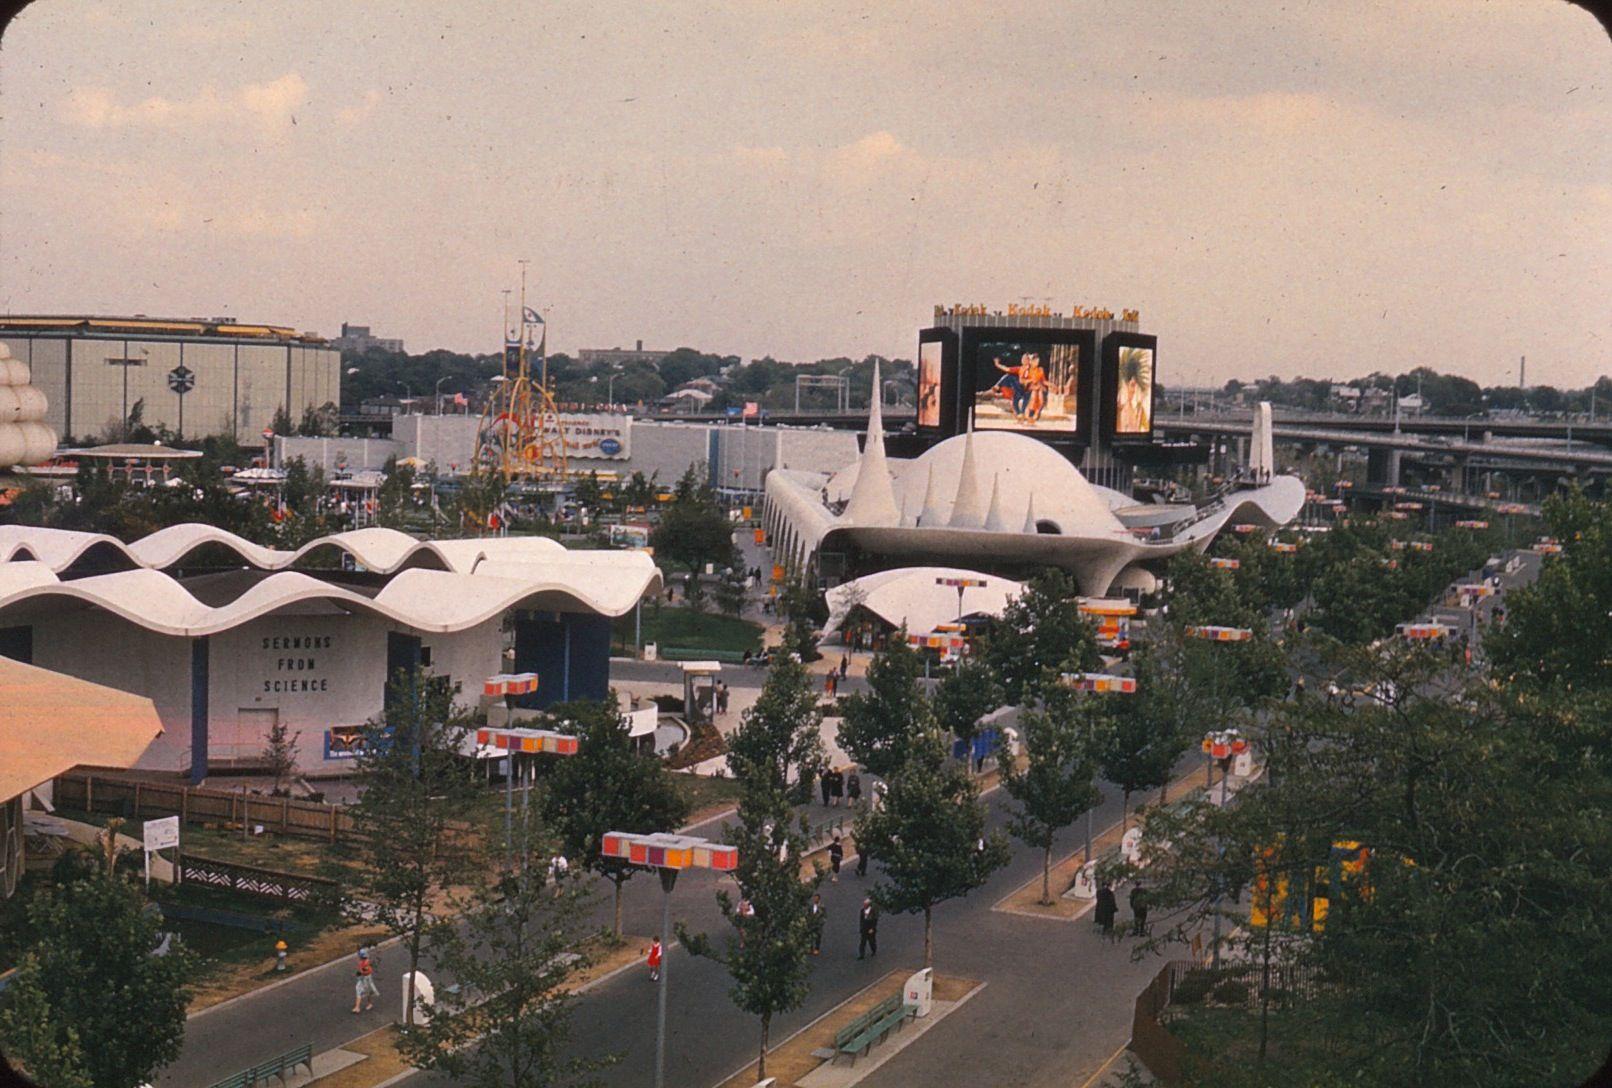 64 Worlds Fair__Richard Grier 15.jpg